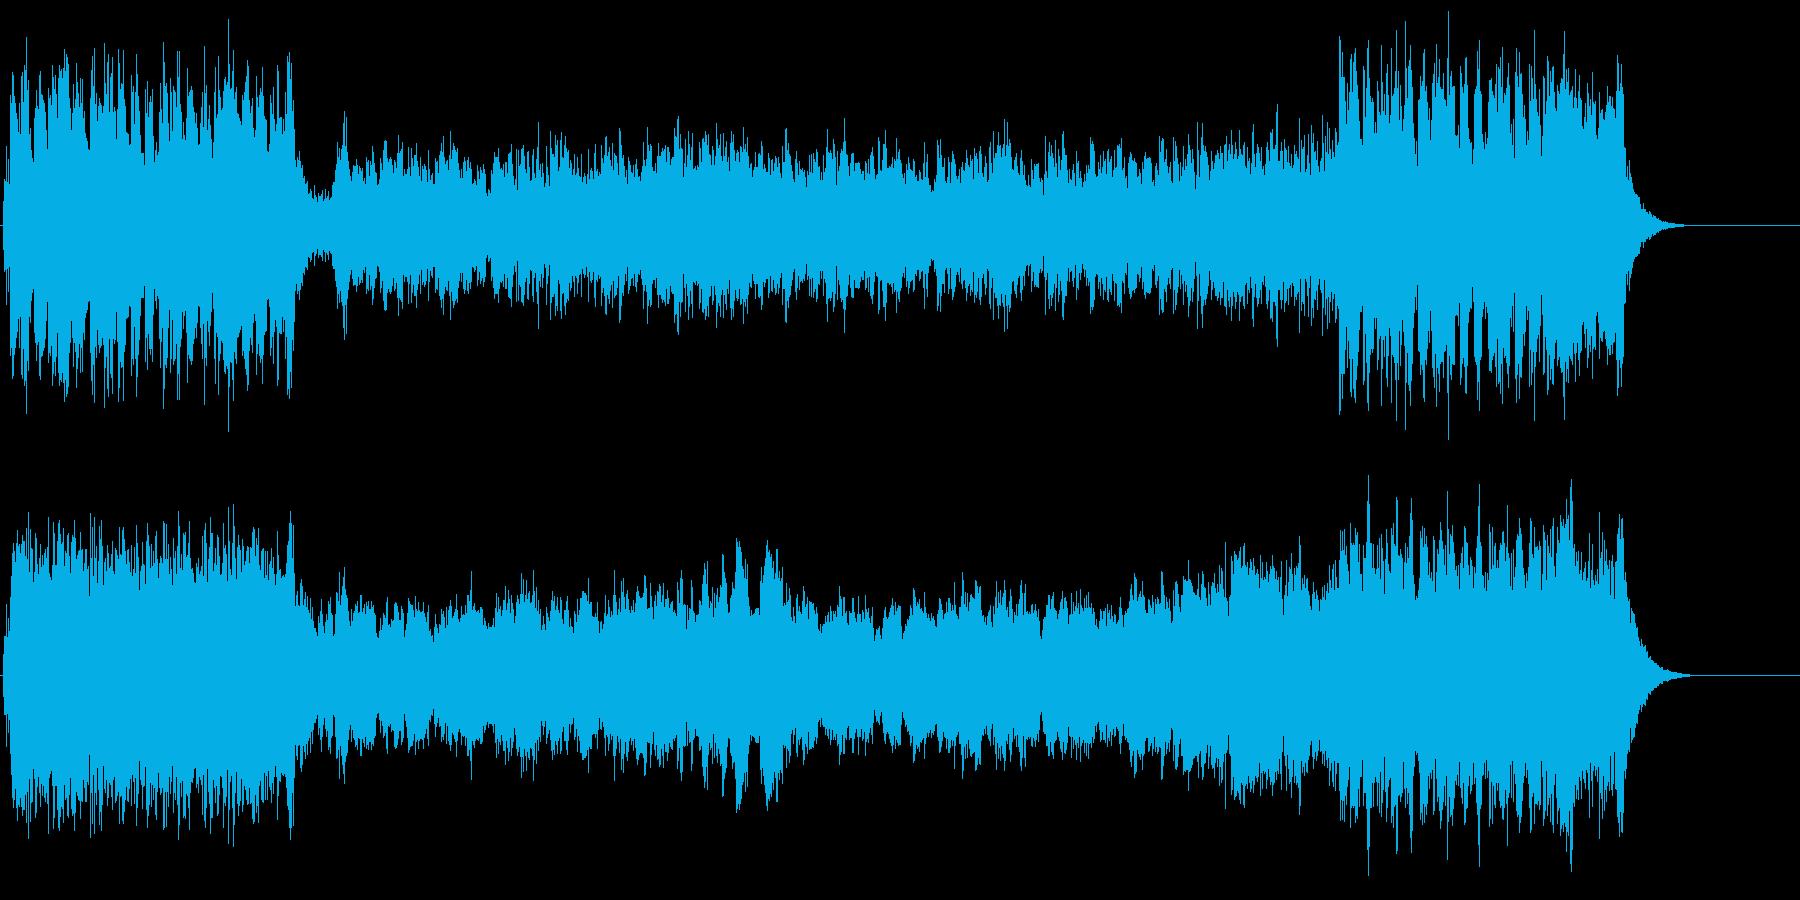 ファンファーレ調オープニングの再生済みの波形